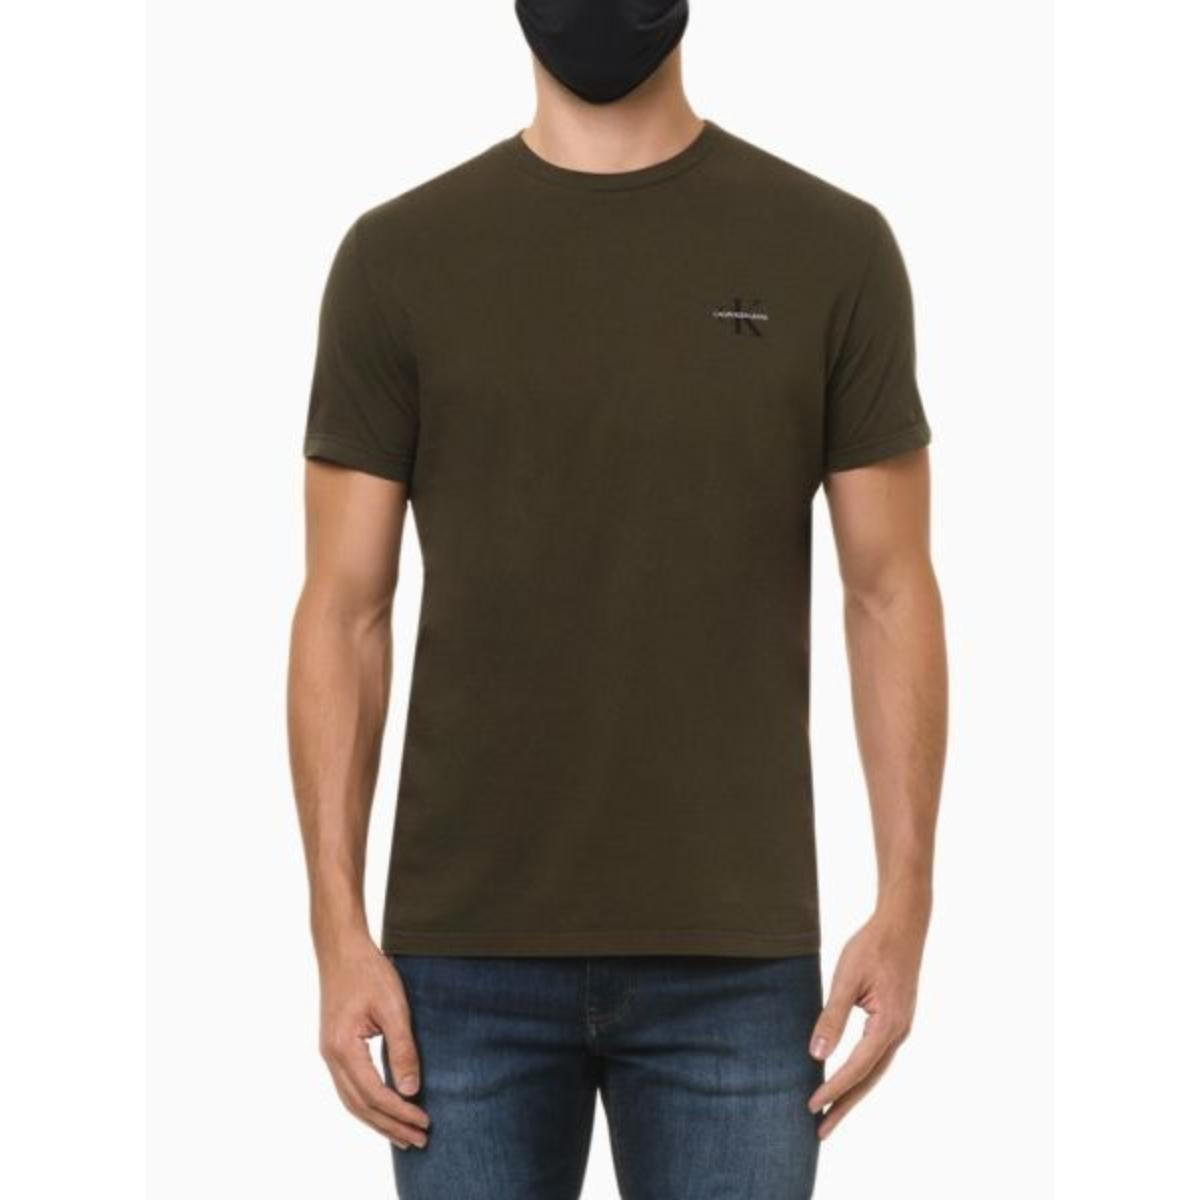 Camiseta Masculina Calvin Klein Ckjm103 Militar